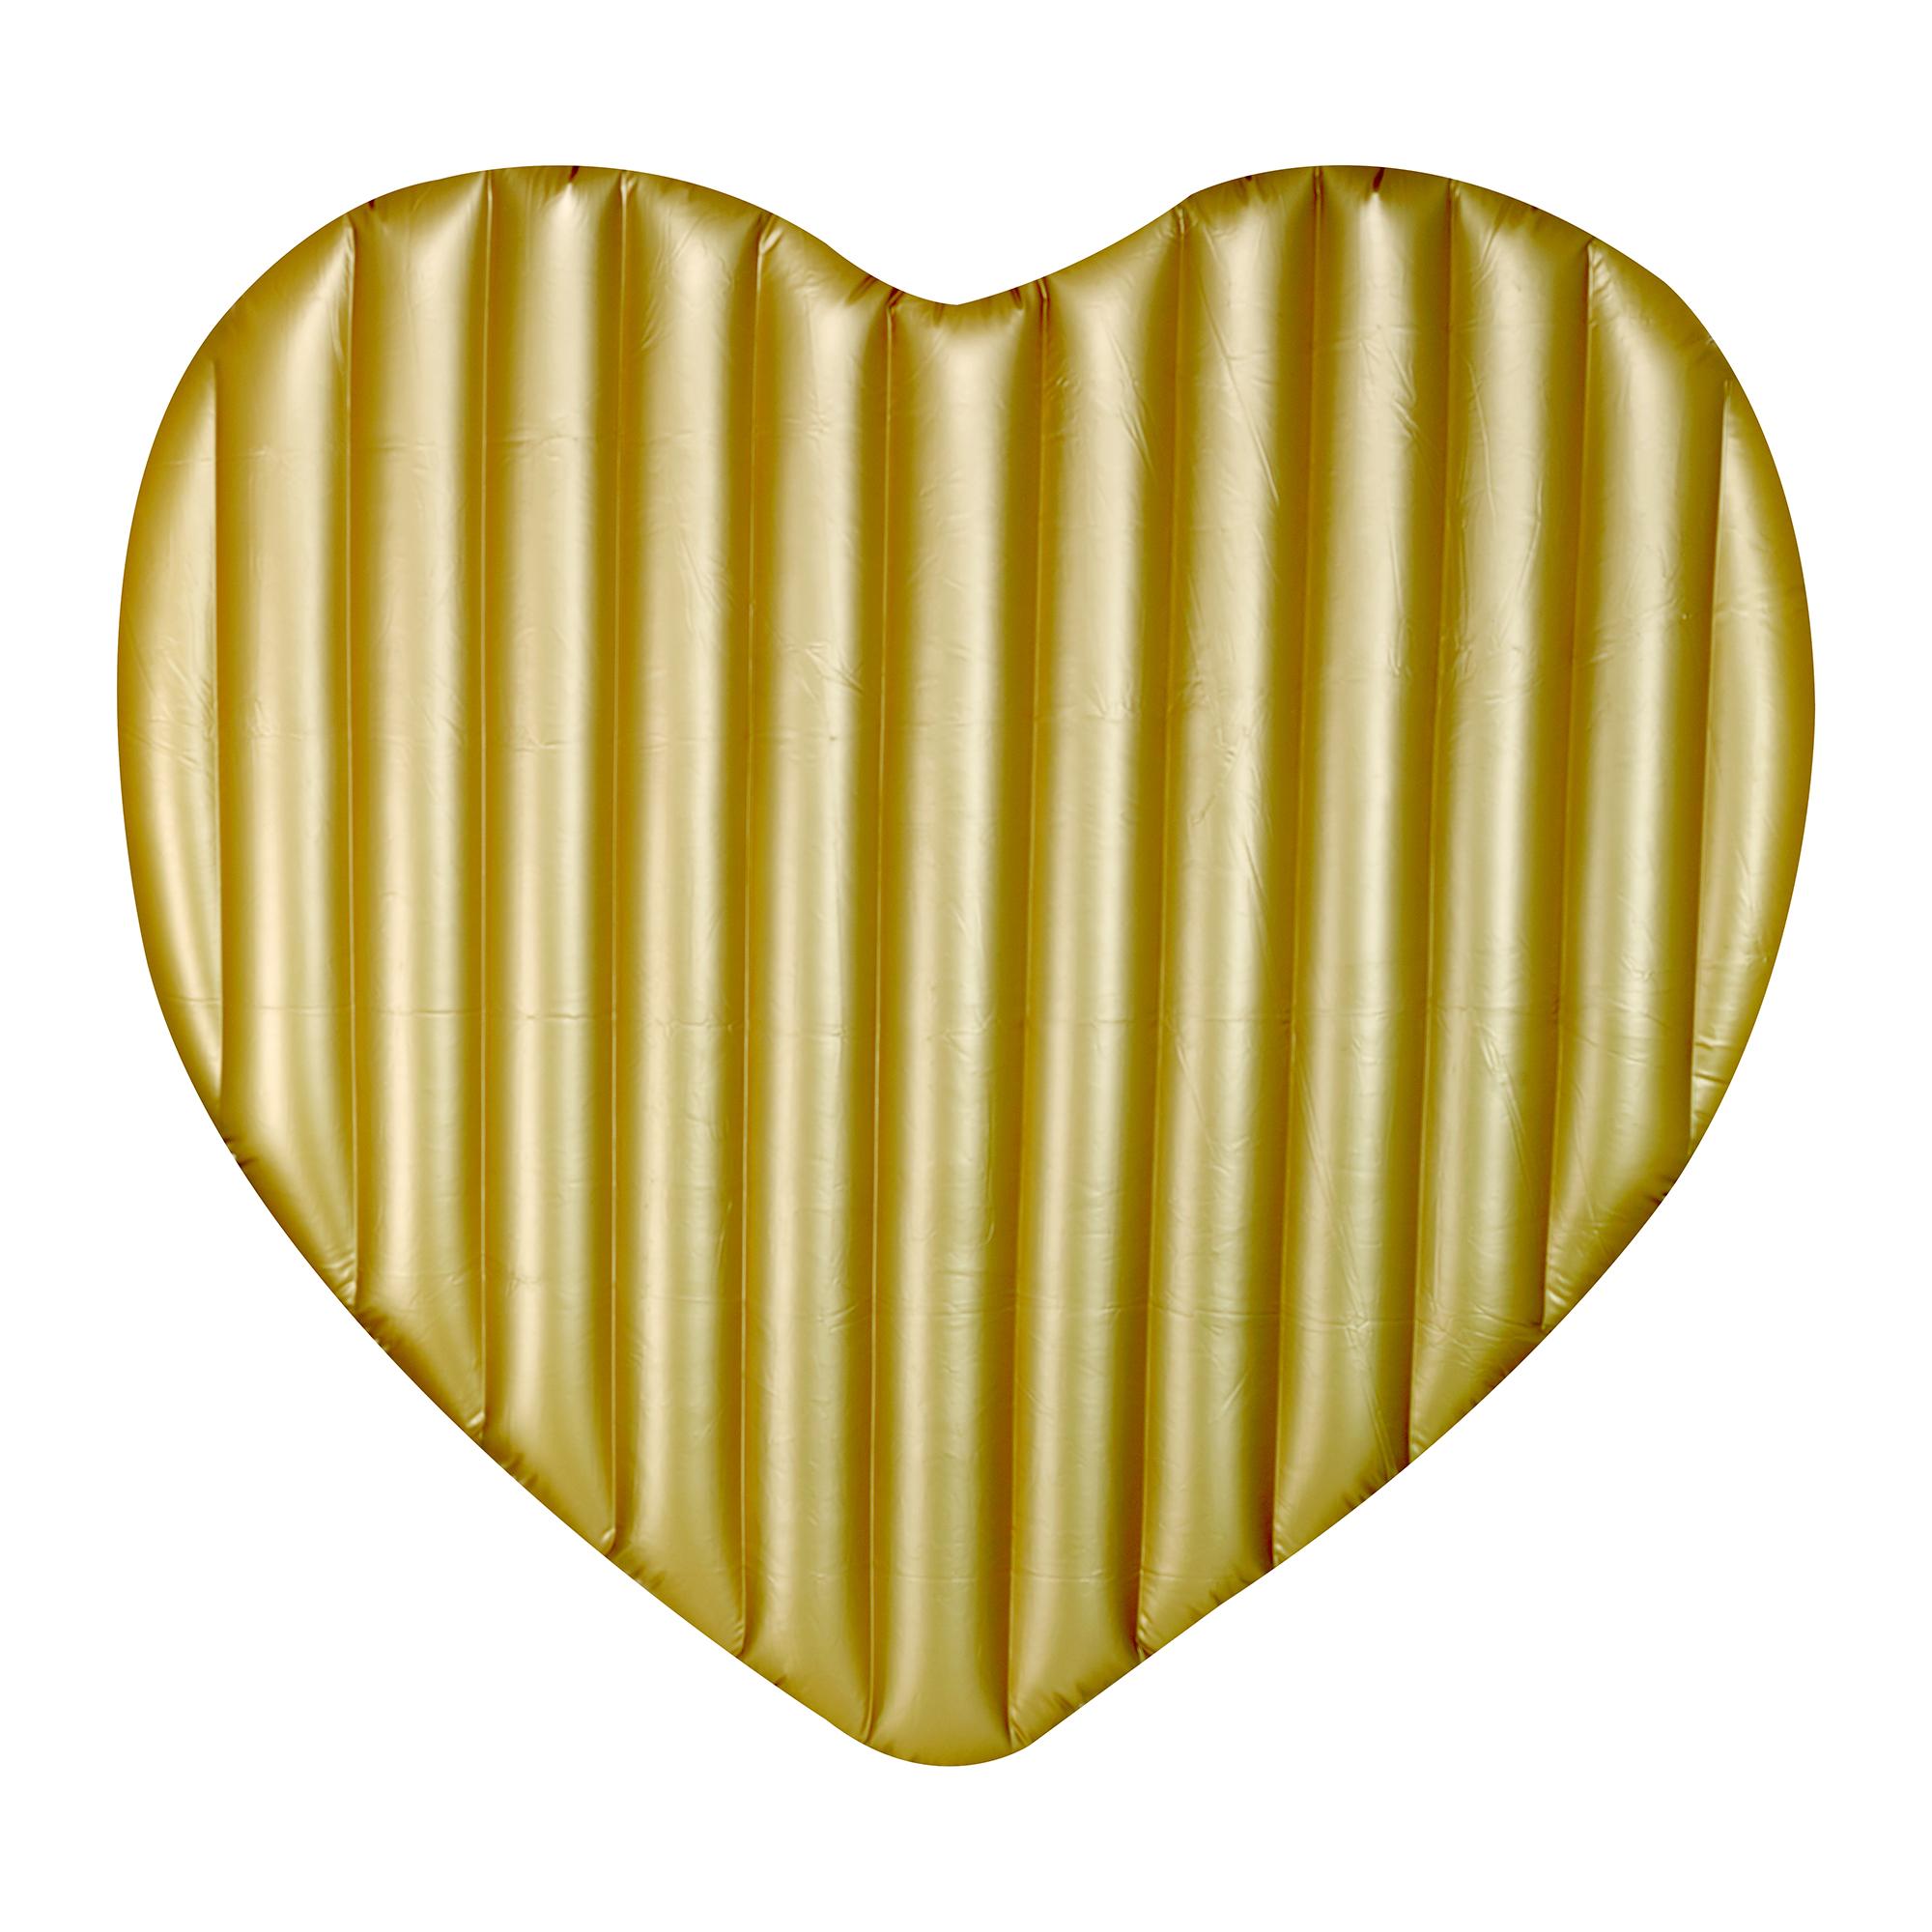 Luftmatratze für Zwei - goldenes Herz